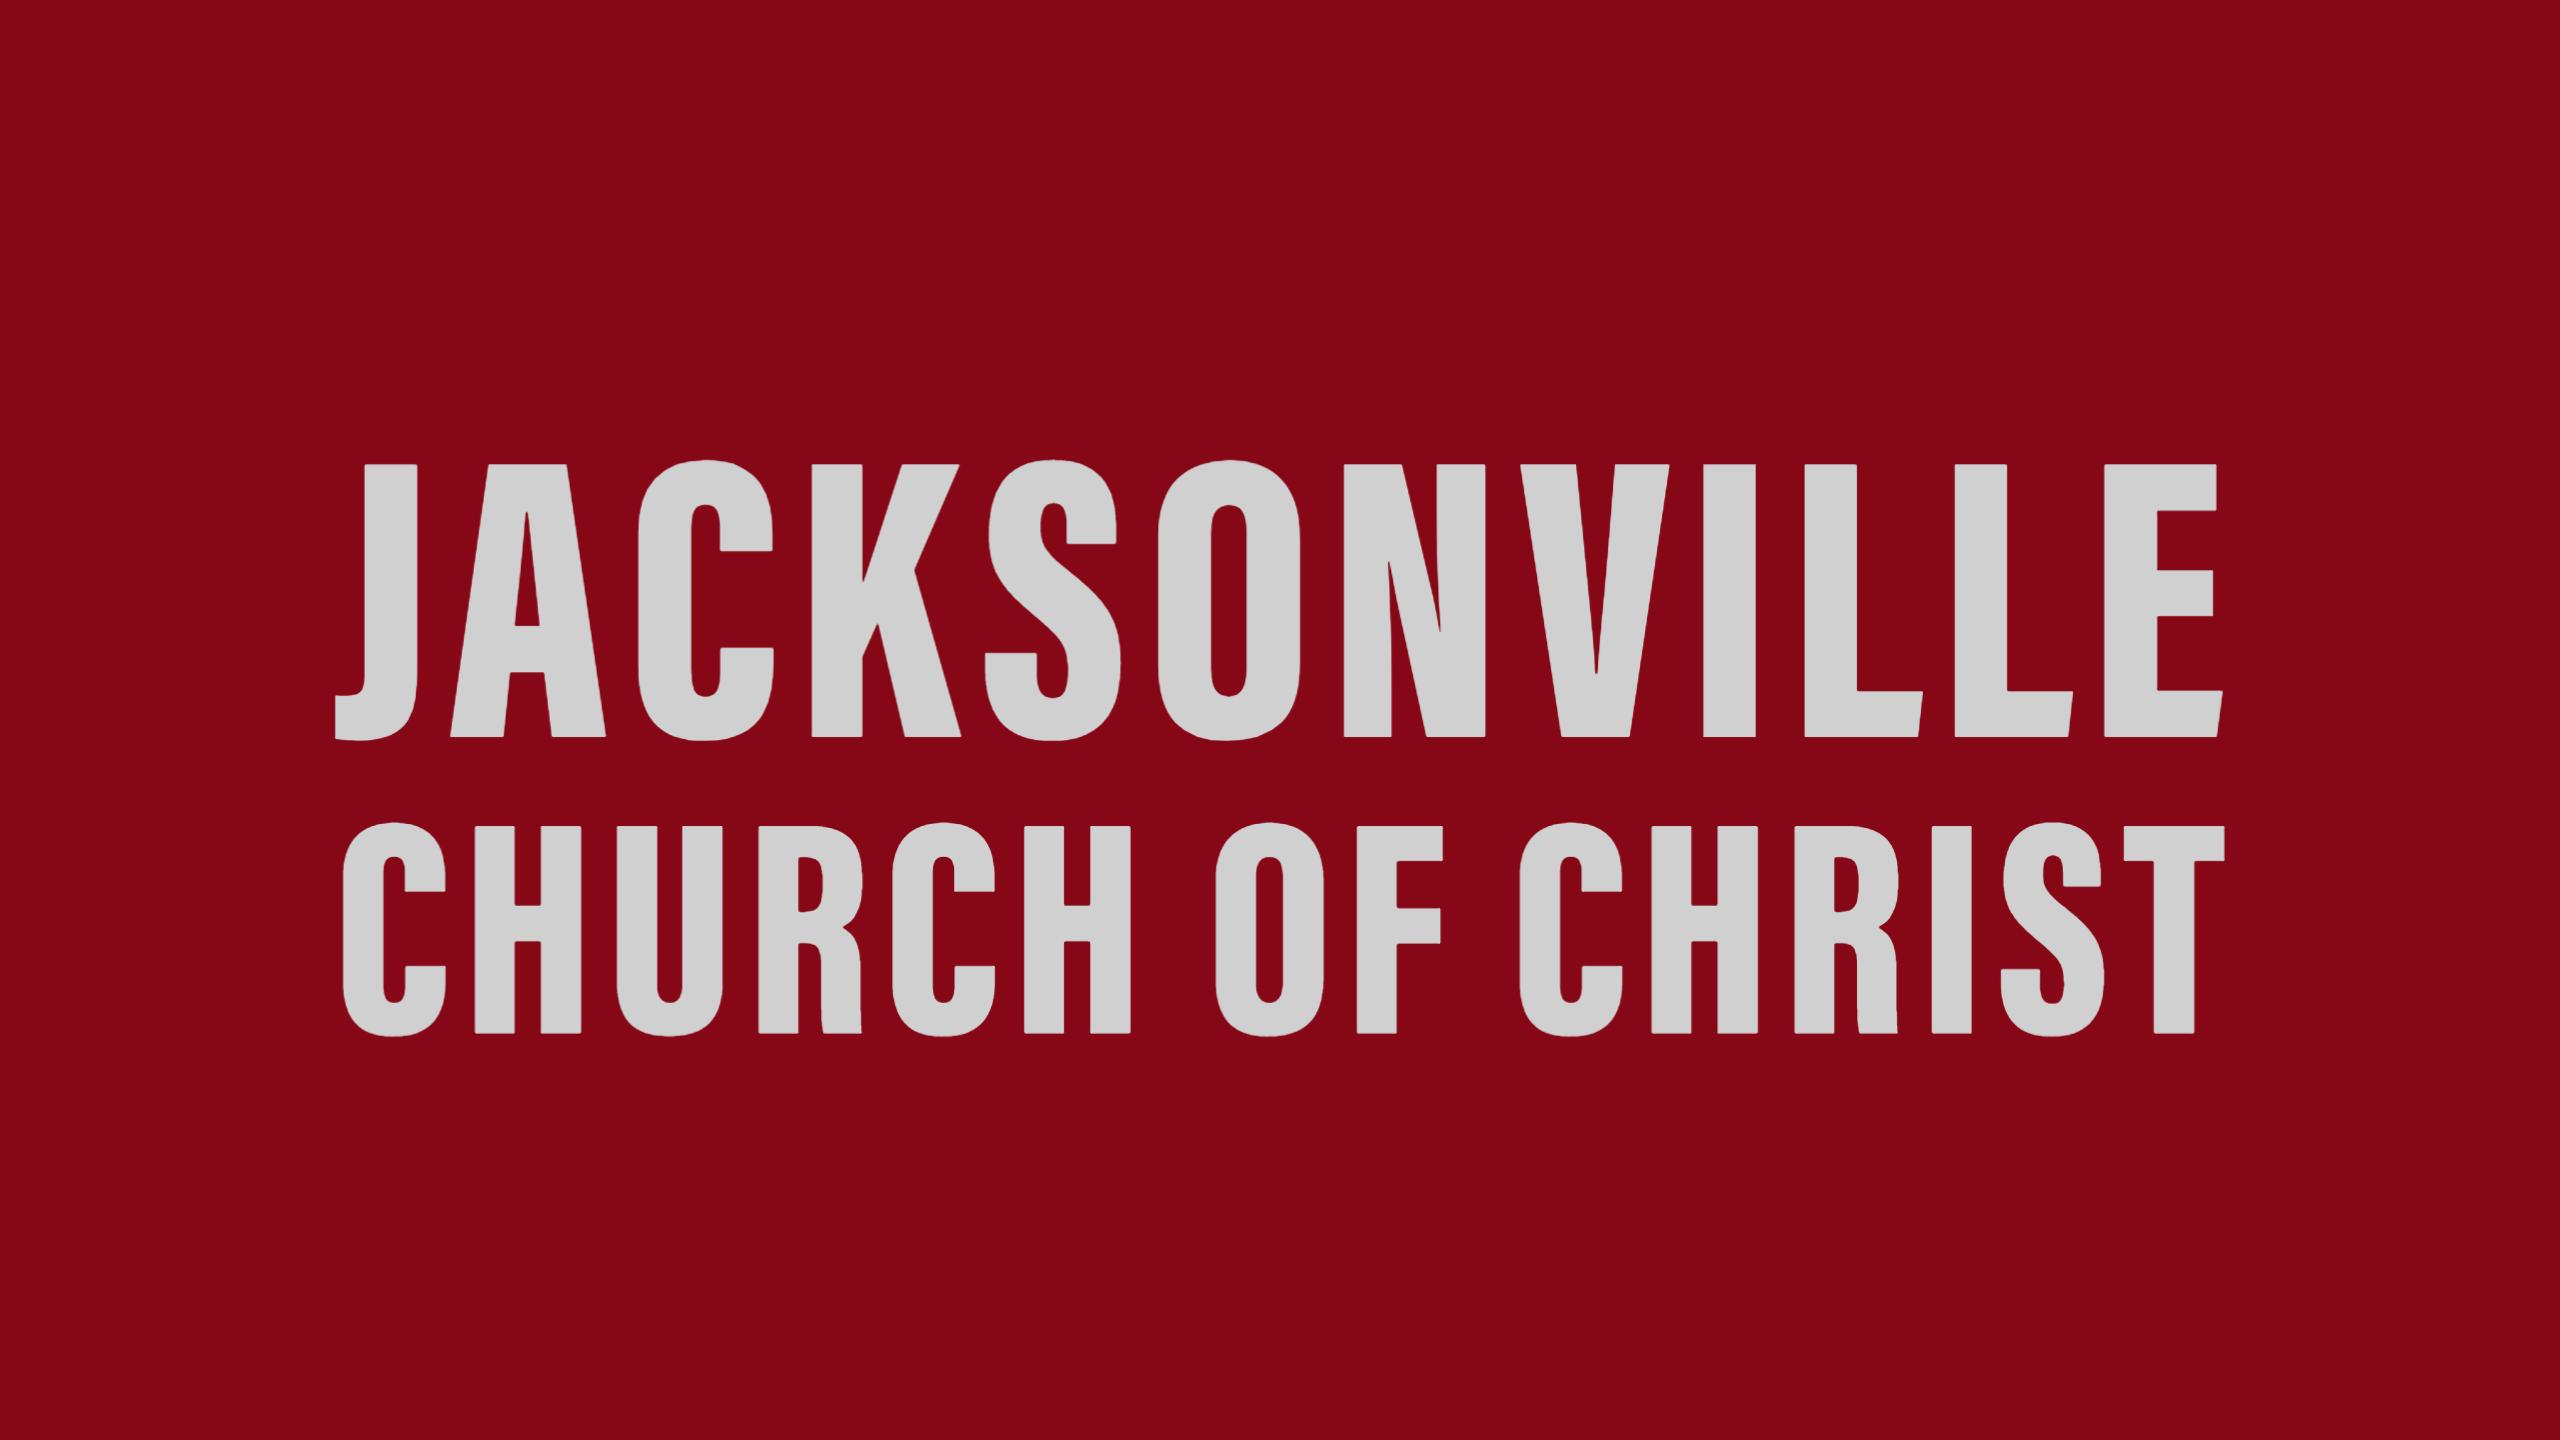 Jacksonville Church of Christ Logo